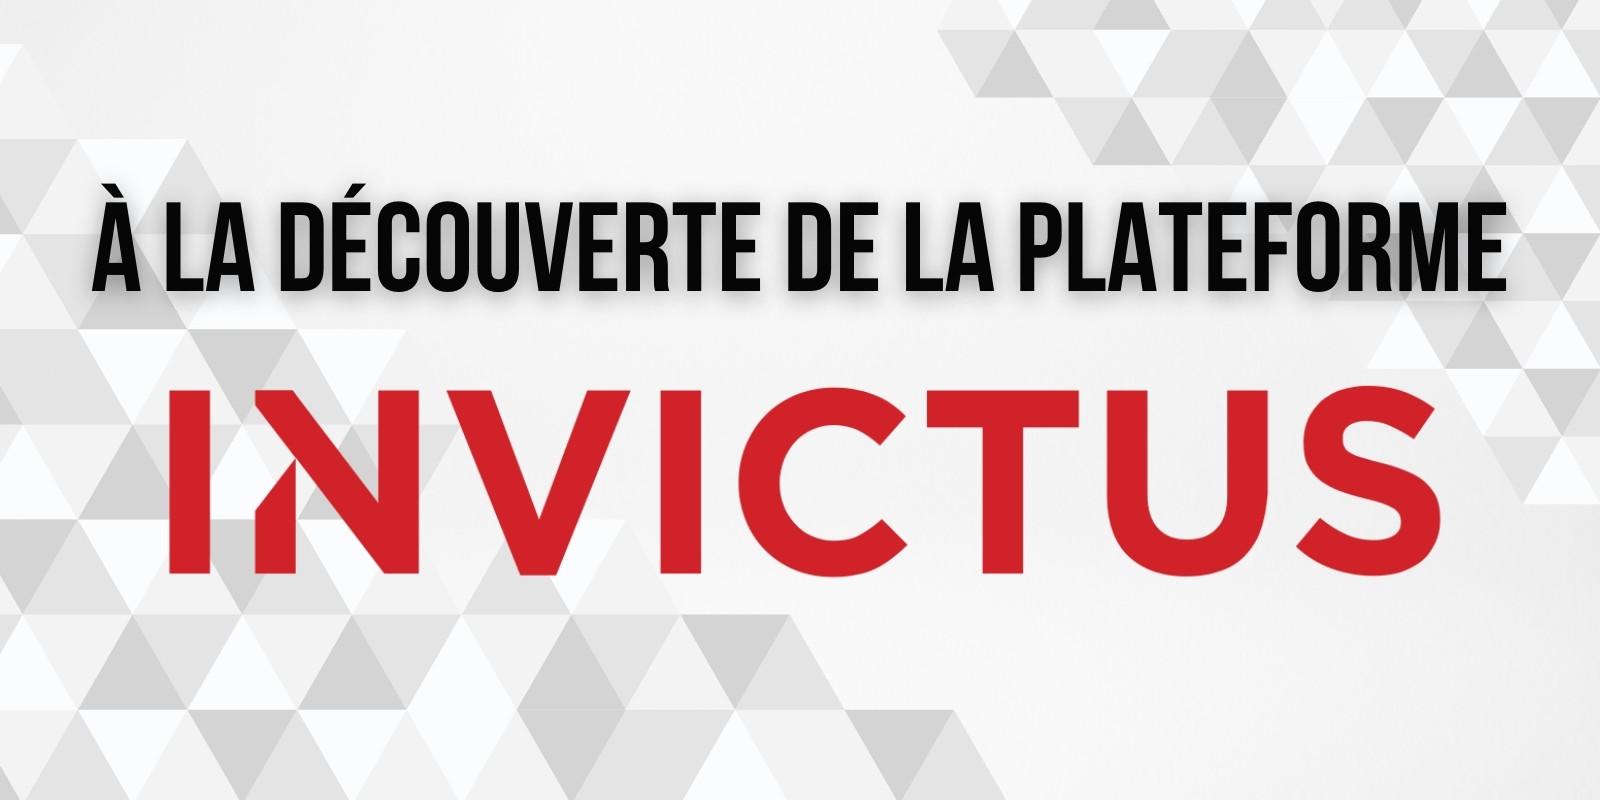 Invictus Capital (ICAP), une plateforme tout-en-un pour se diversifier sans se faire de soucis